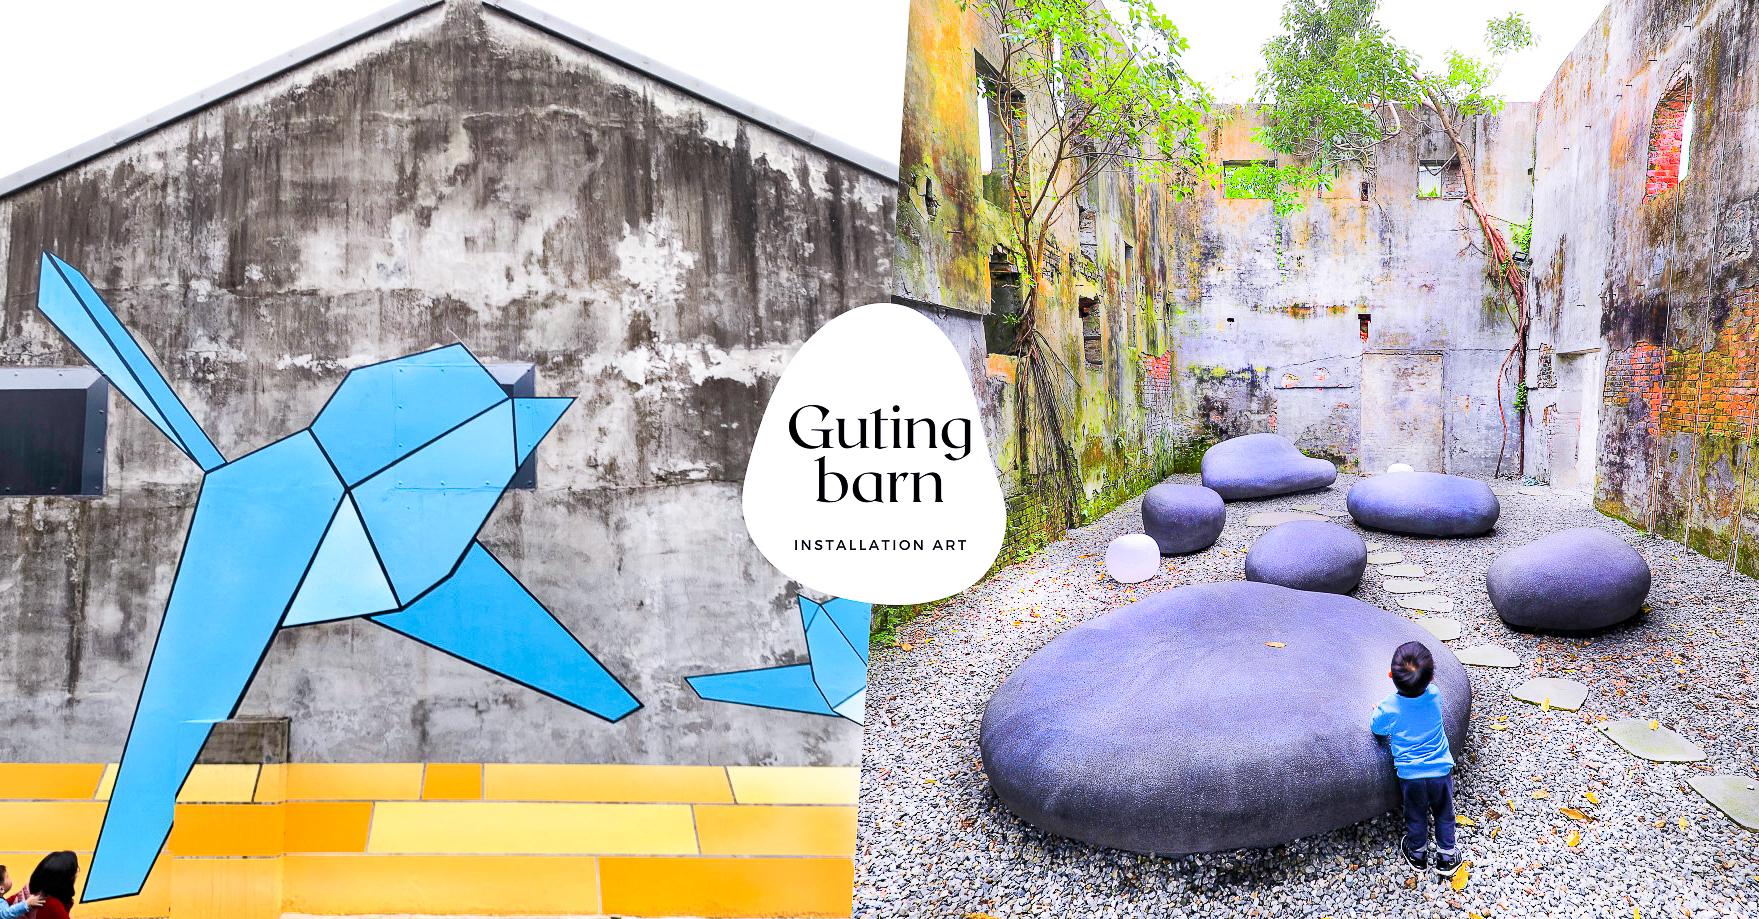 宜蘭壯圍新景點|古亭穀倉裝置藝術|廢墟重生化身拍照秘境青鳥壁畫廢墟景點空間活化